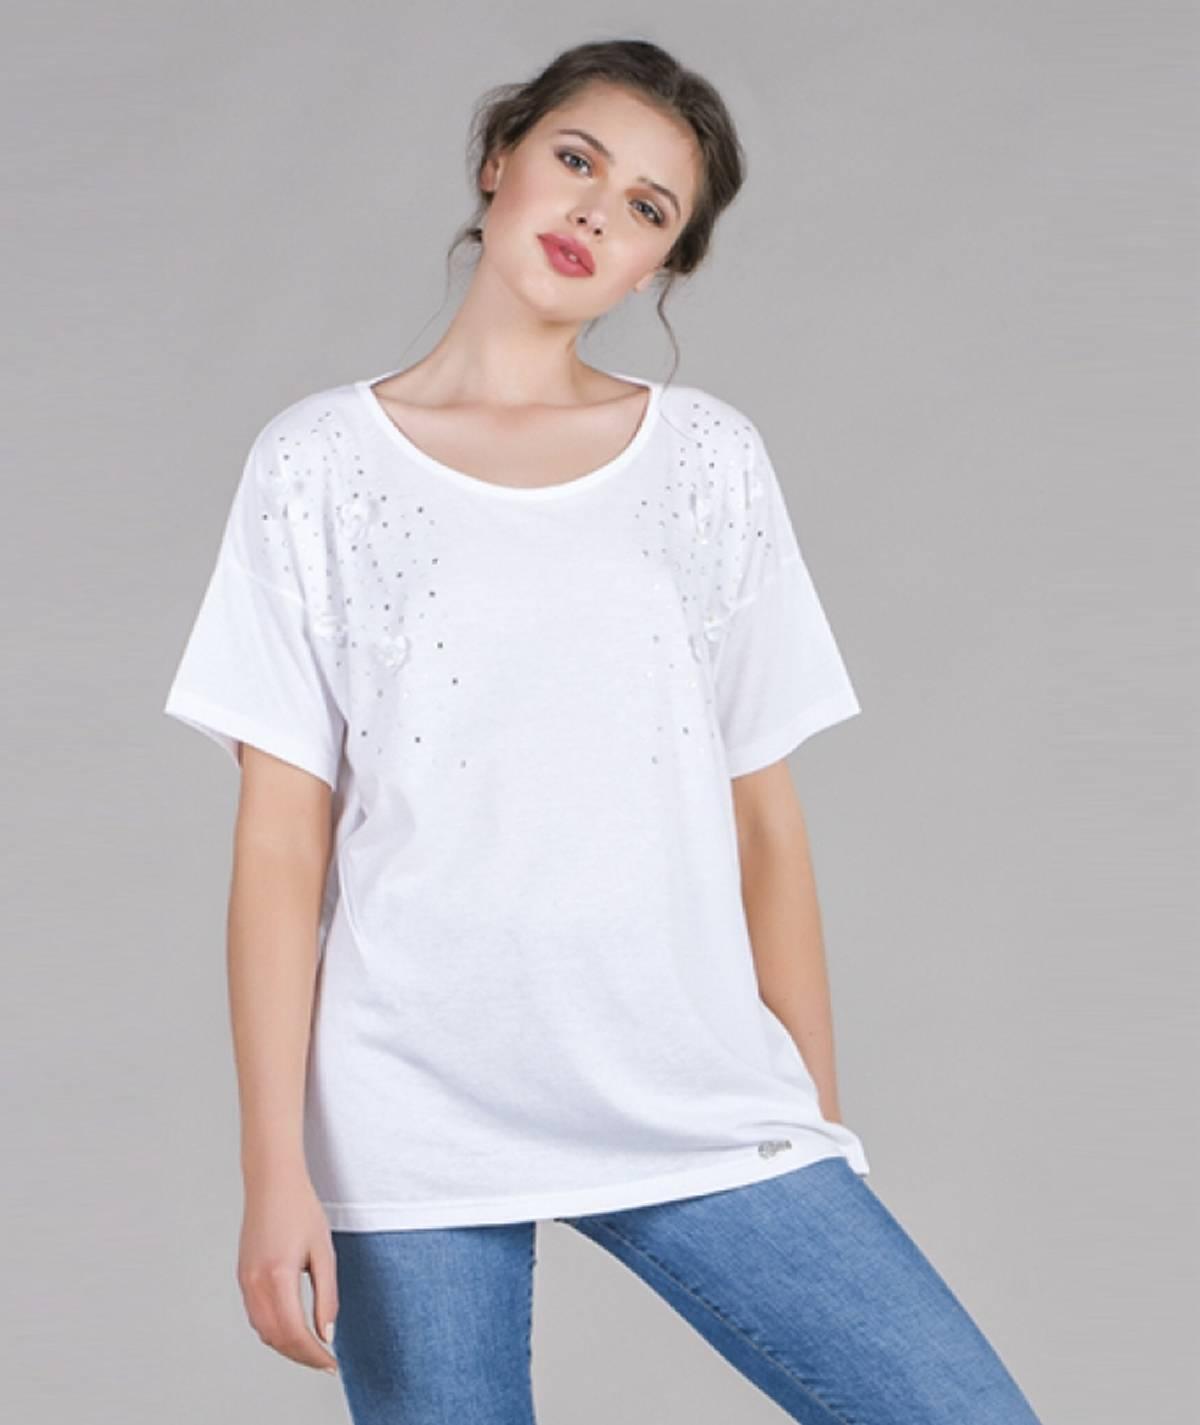 [CHIESSY] T-shirt brilhantes